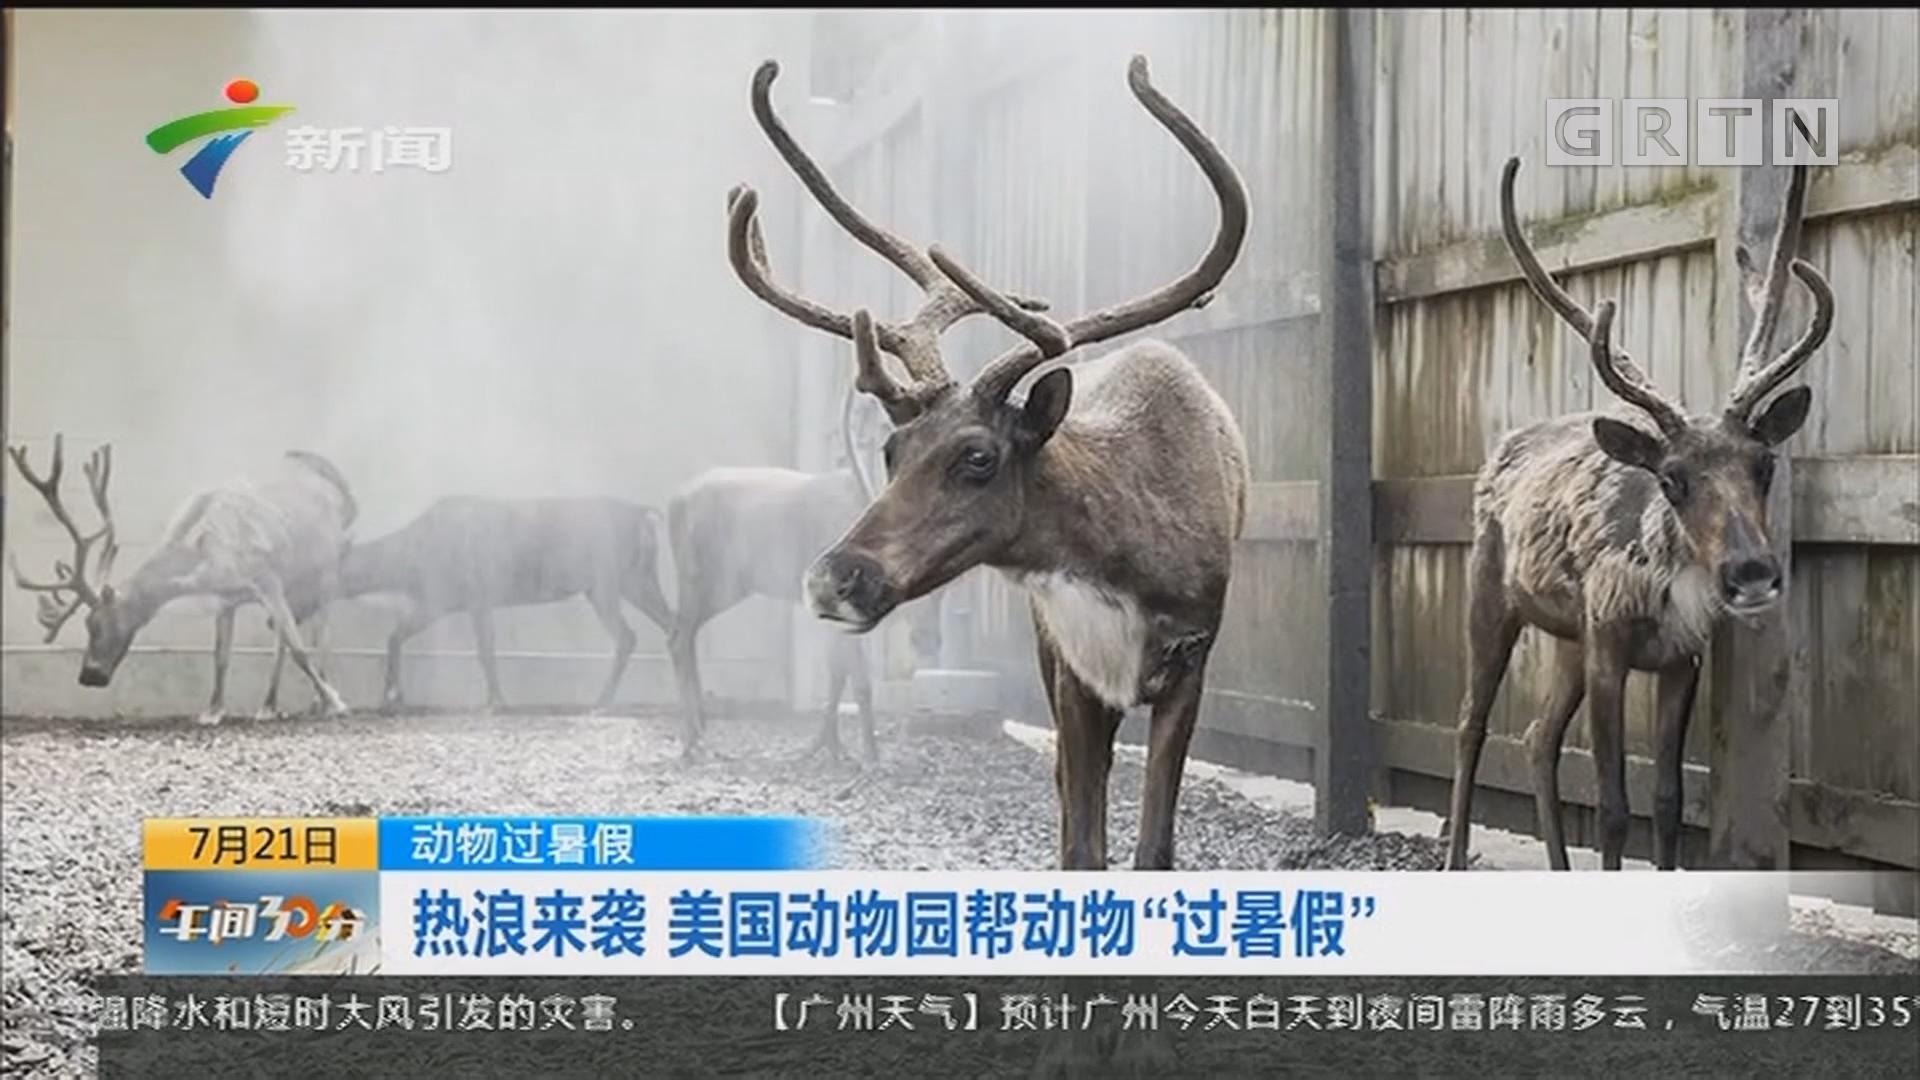 """动物过暑假:热浪来袭 美国动物园帮动物""""过暑假"""""""